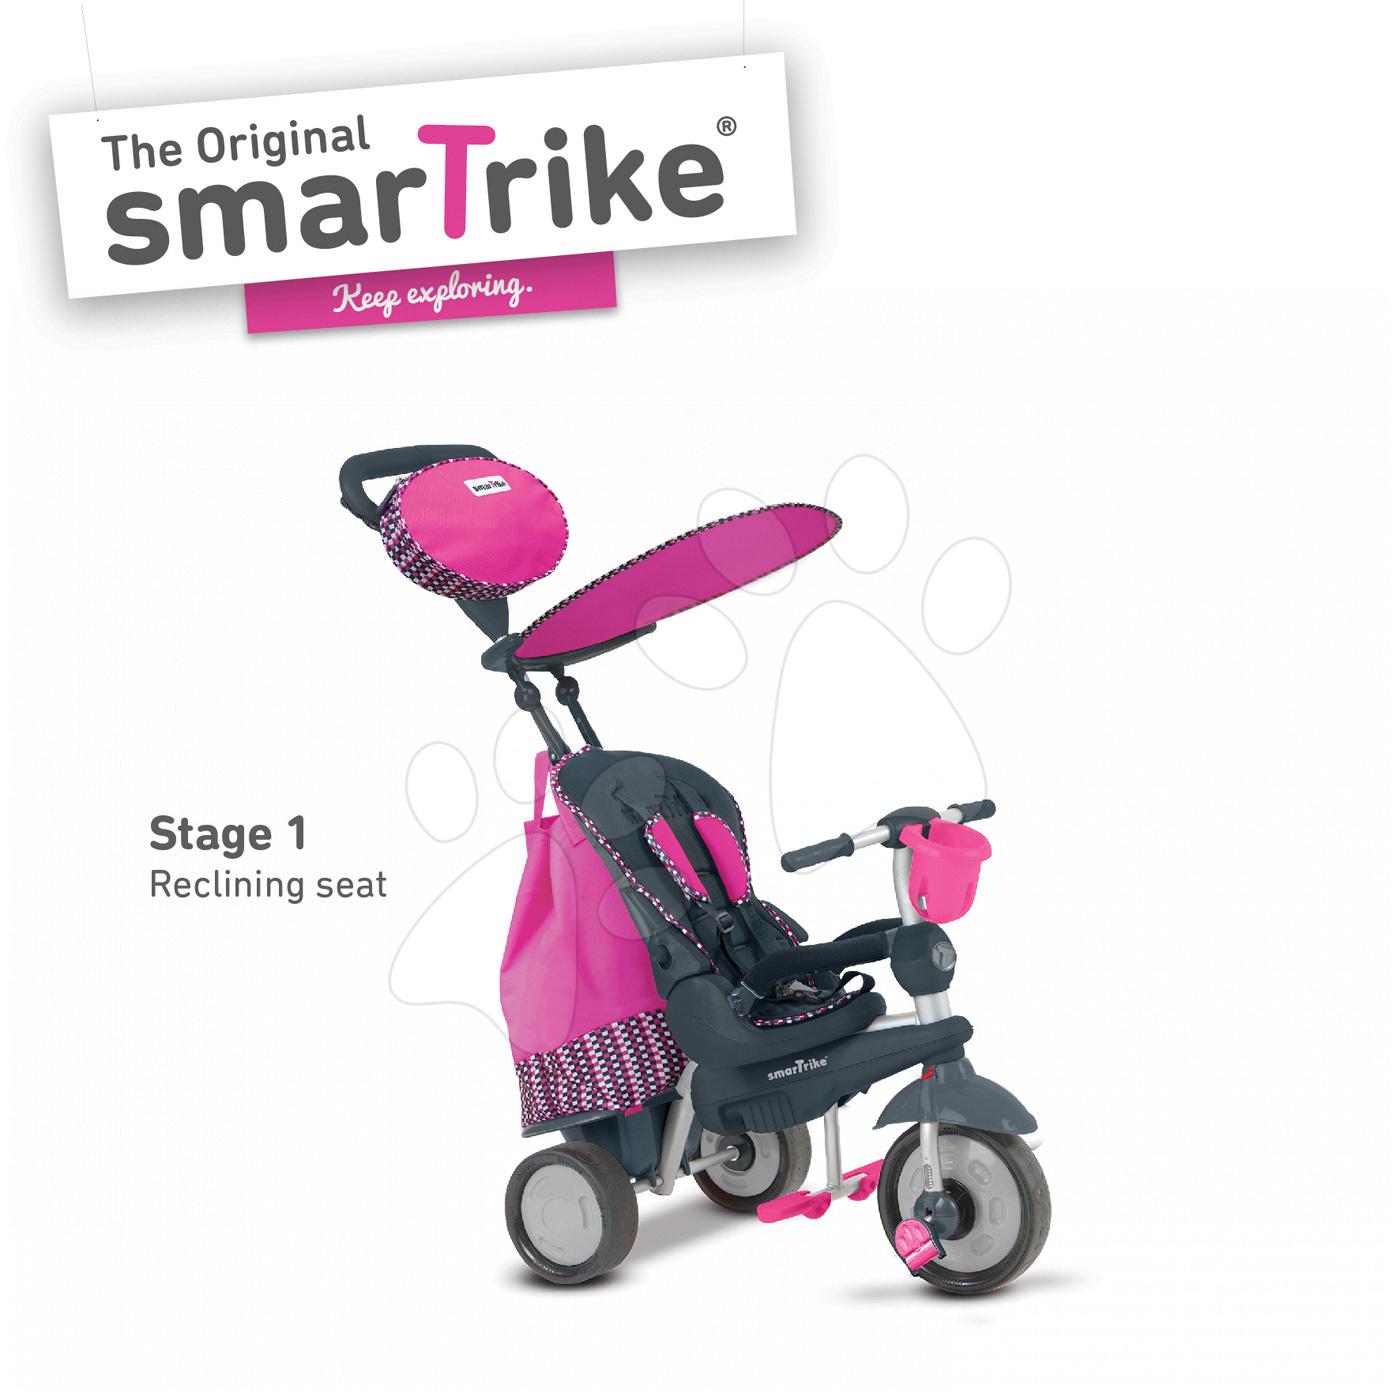 Tříkolka Splash 5v1 Pink smarTrike 360° řízení s polohovatelnou opěrkou růžovo-šedá od 10 měsíců